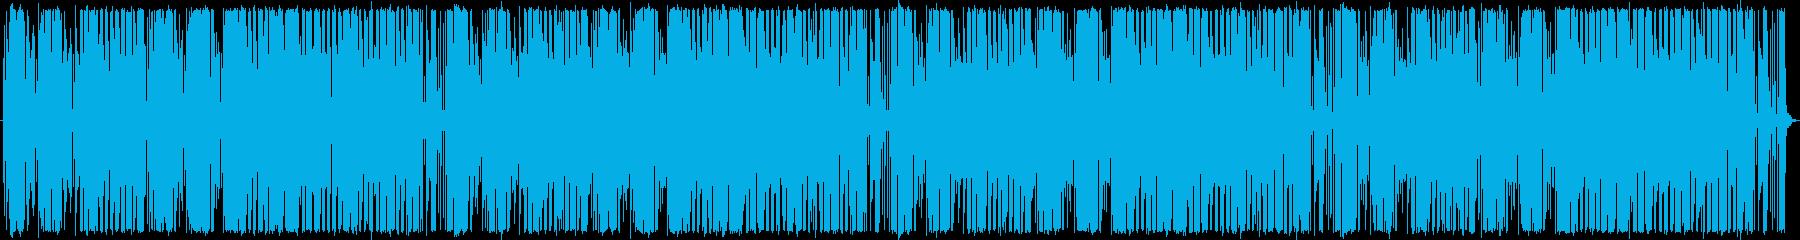 ゆかいで活気にあふれた曲の再生済みの波形